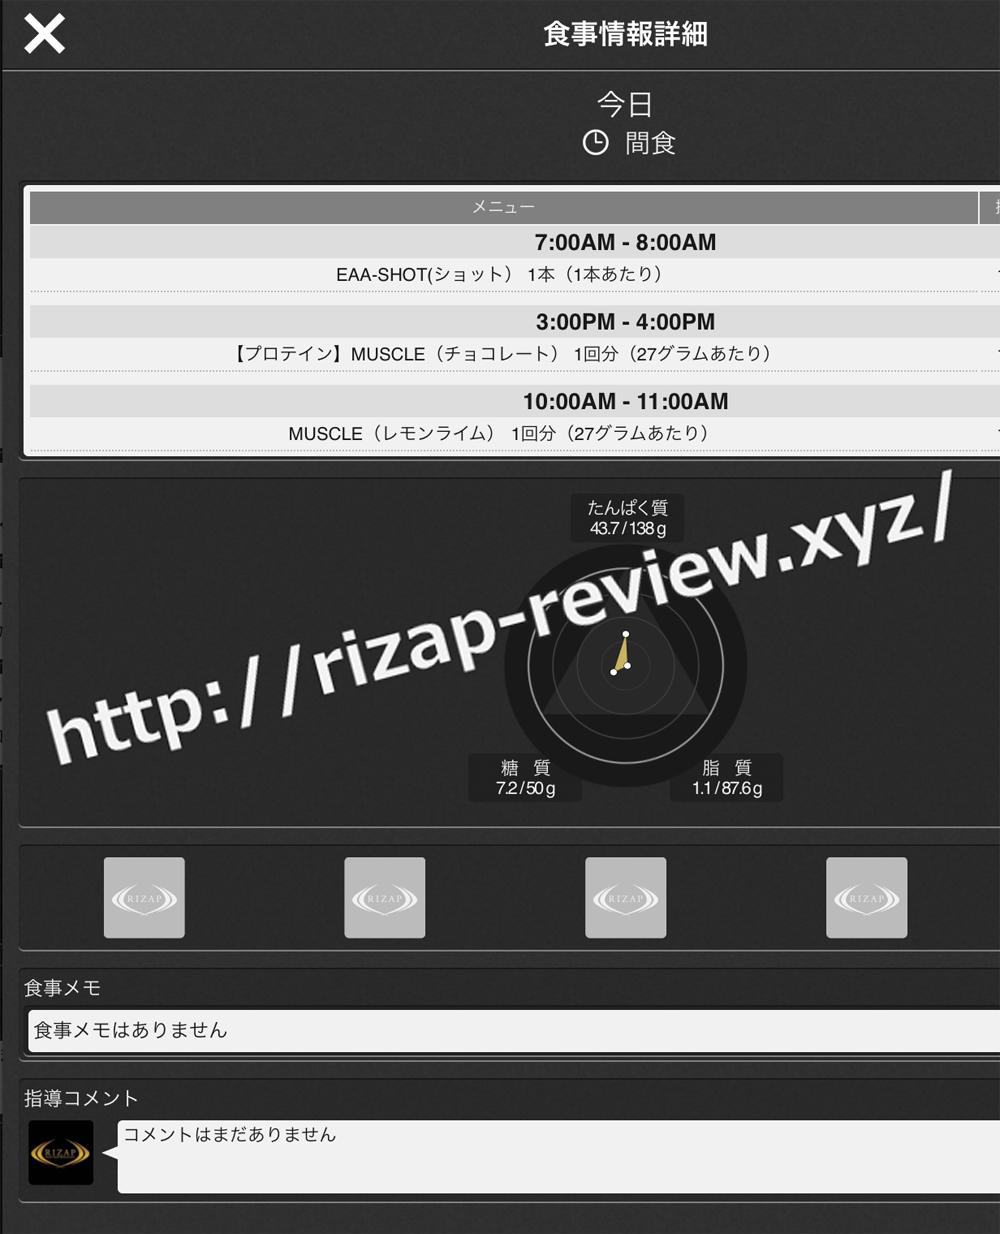 2018.10.14(日)ライザップ流の間食